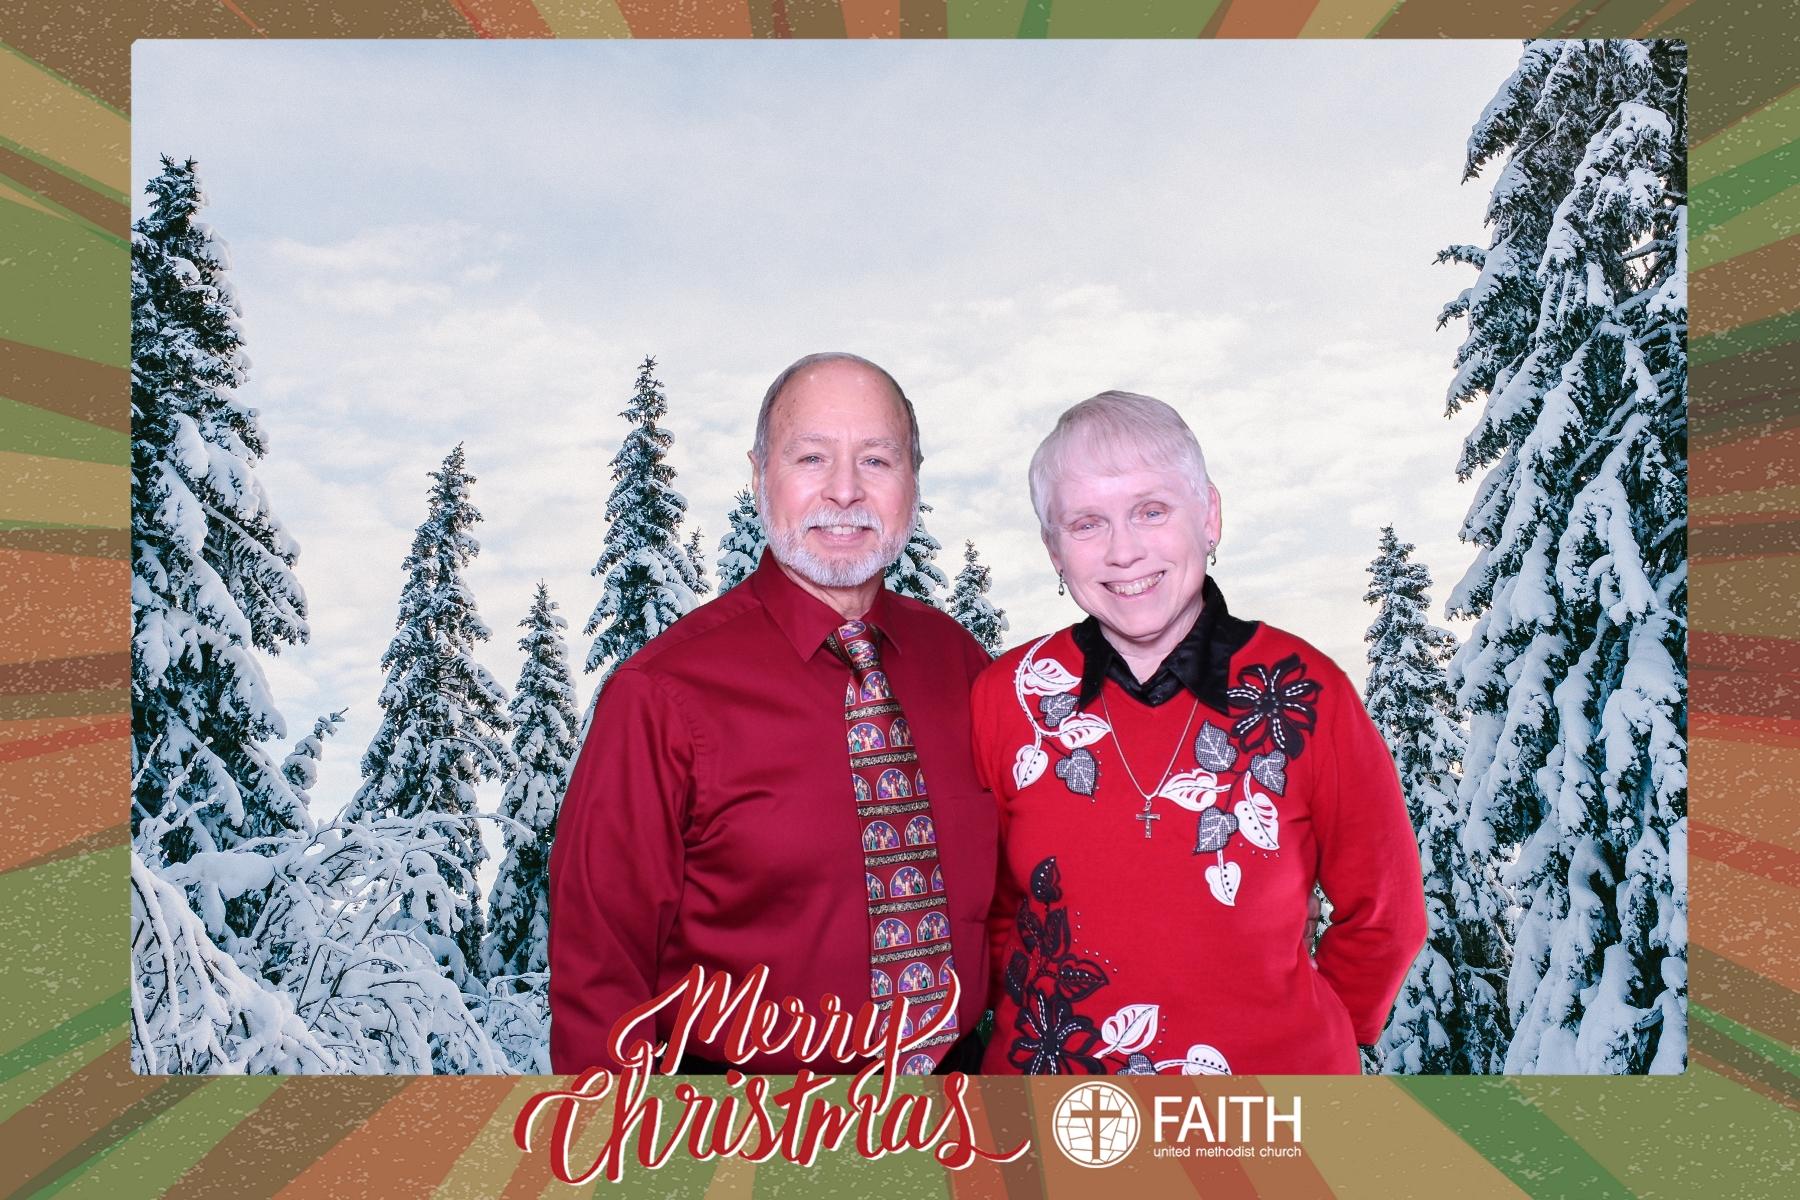 Faith2018_2018-12-24_17-04-59.jpg